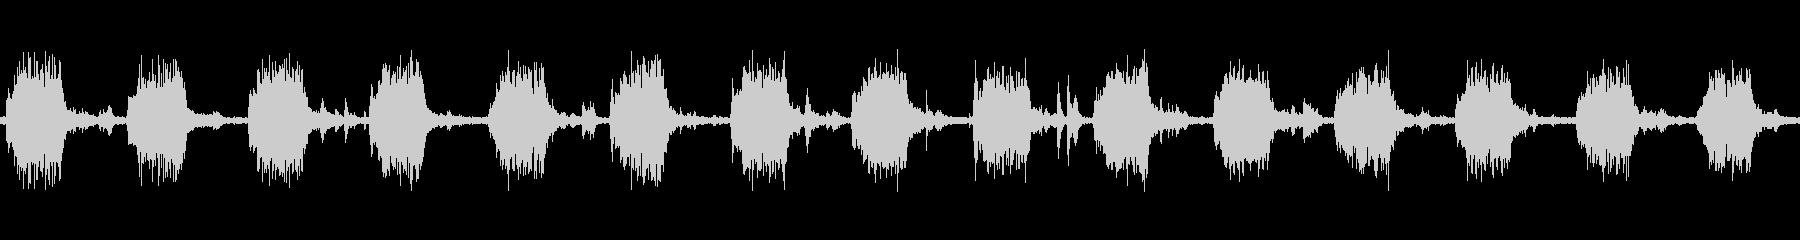 洗濯機で洗っている時の音 ループの未再生の波形